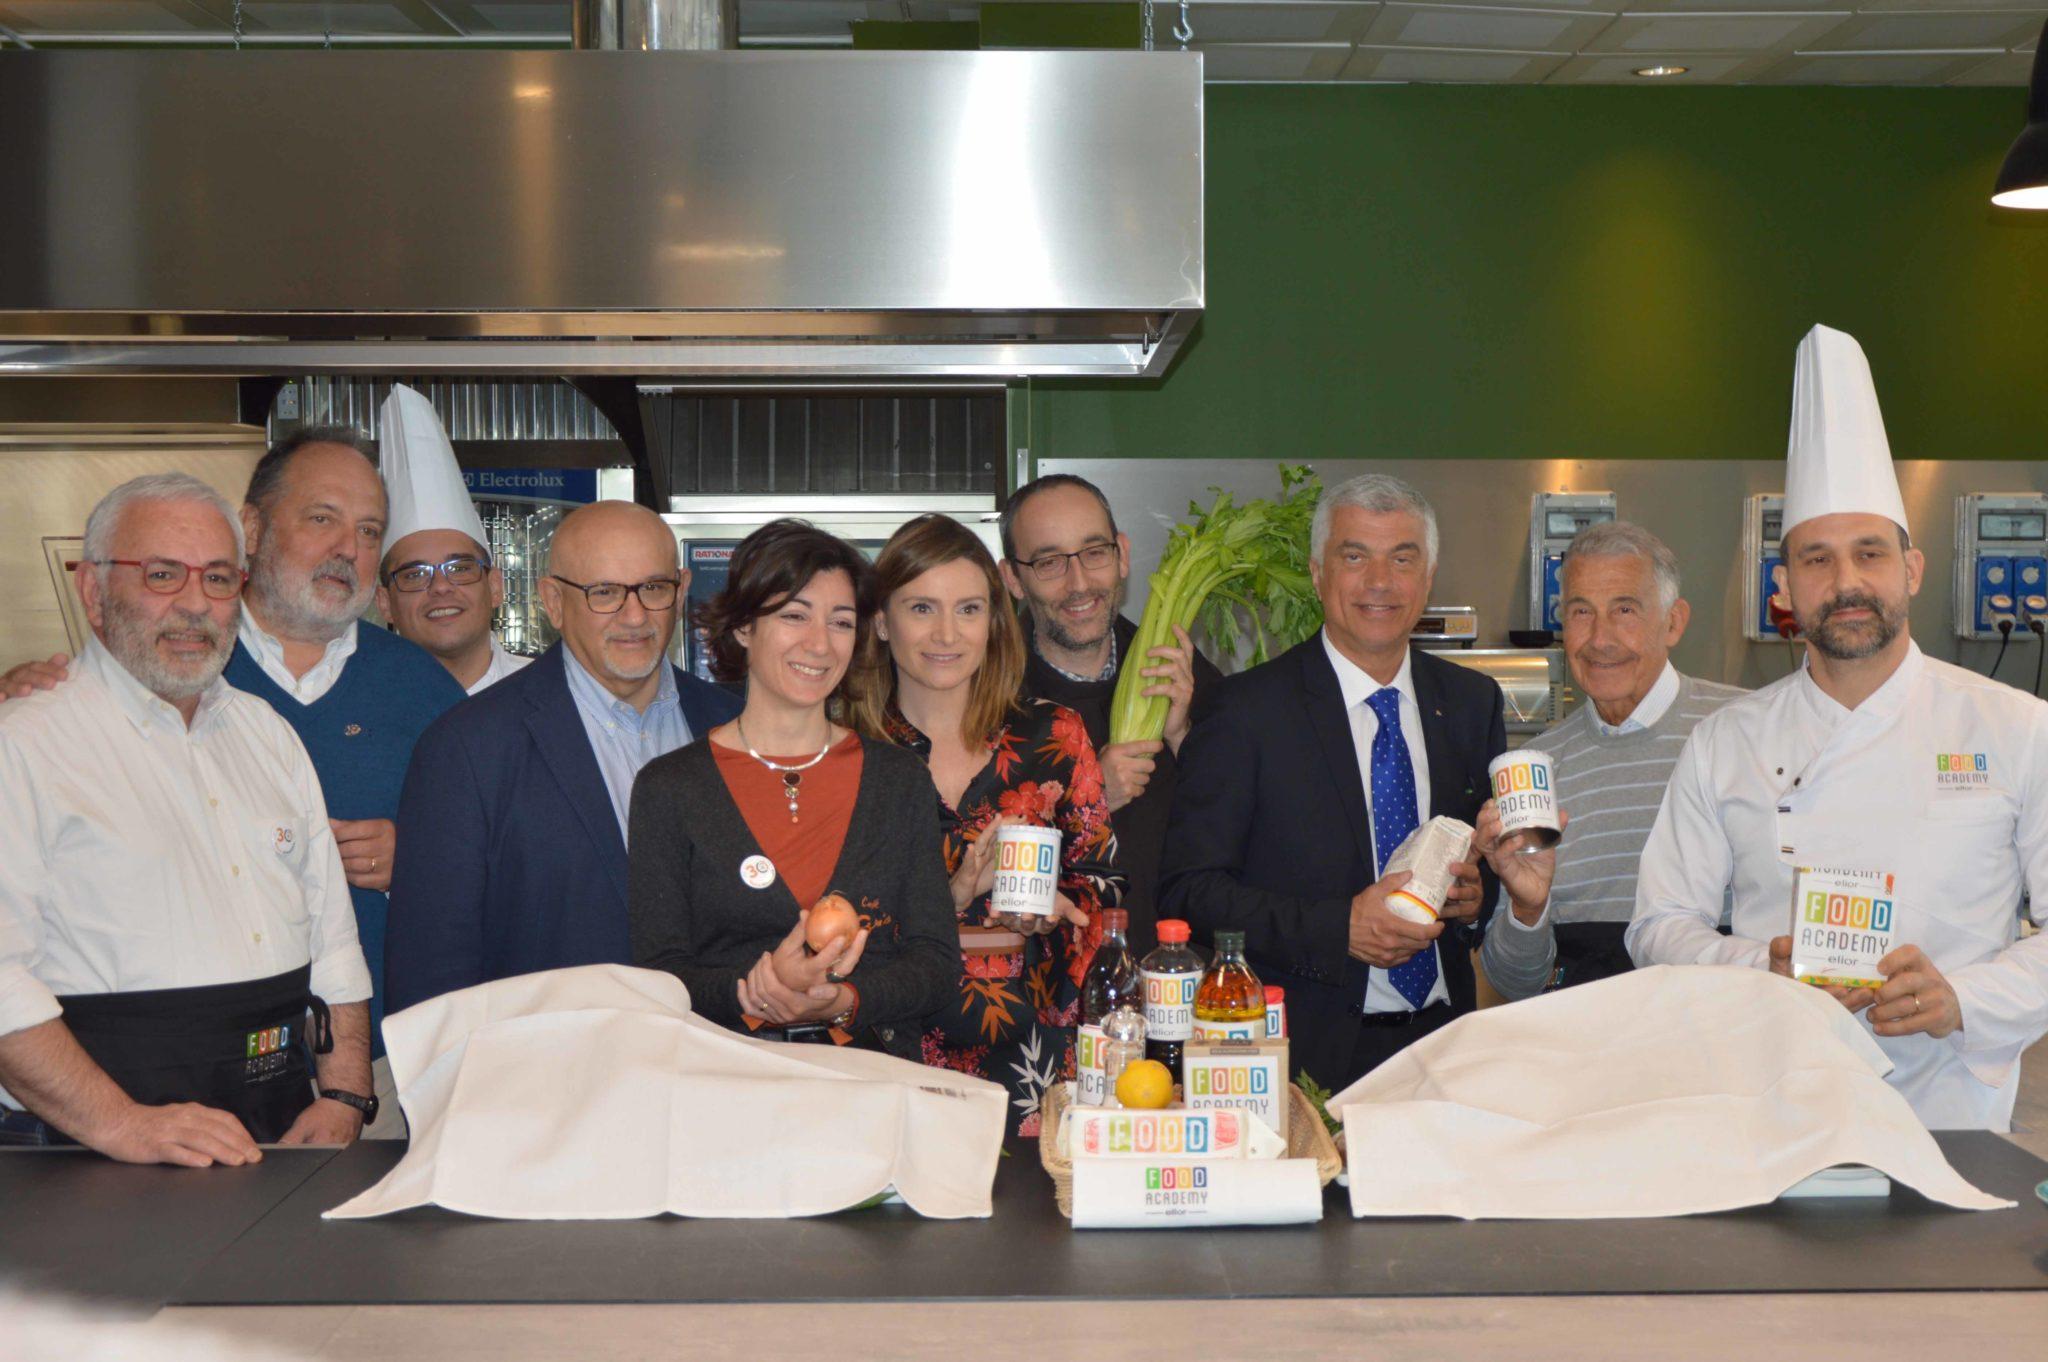 Nuovo menù sostenibile: Ramen alla lombarda, proposto da Comune di Milano, Banco Alimentare e Gruppo Elior